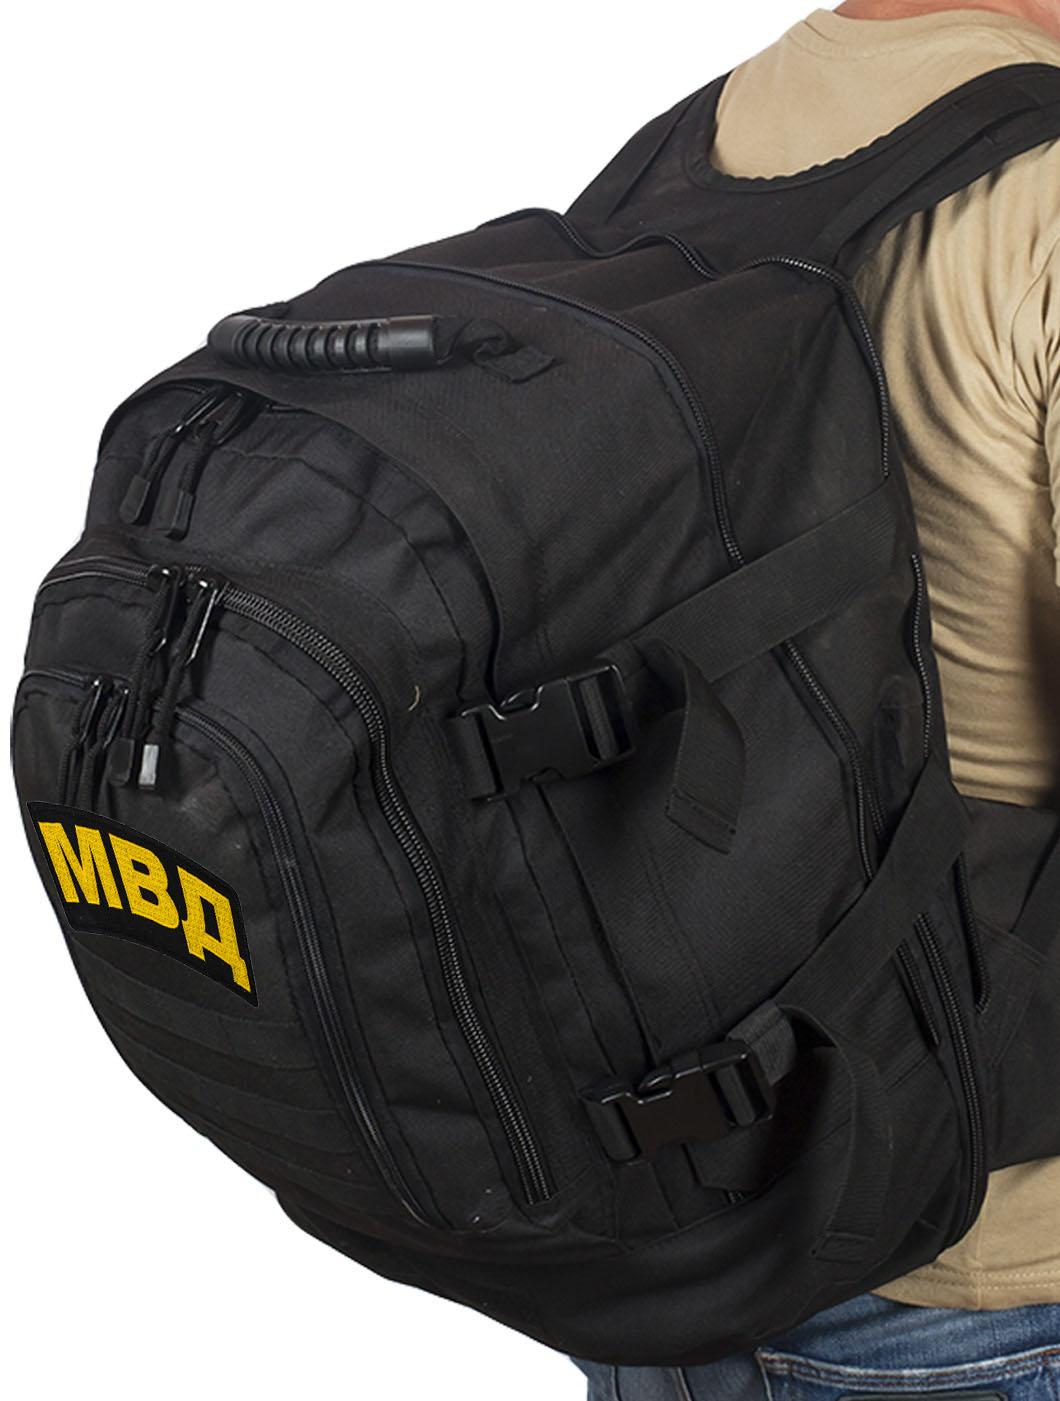 Армейский черный рюкзак с нашивкой МВД - купить онлайн